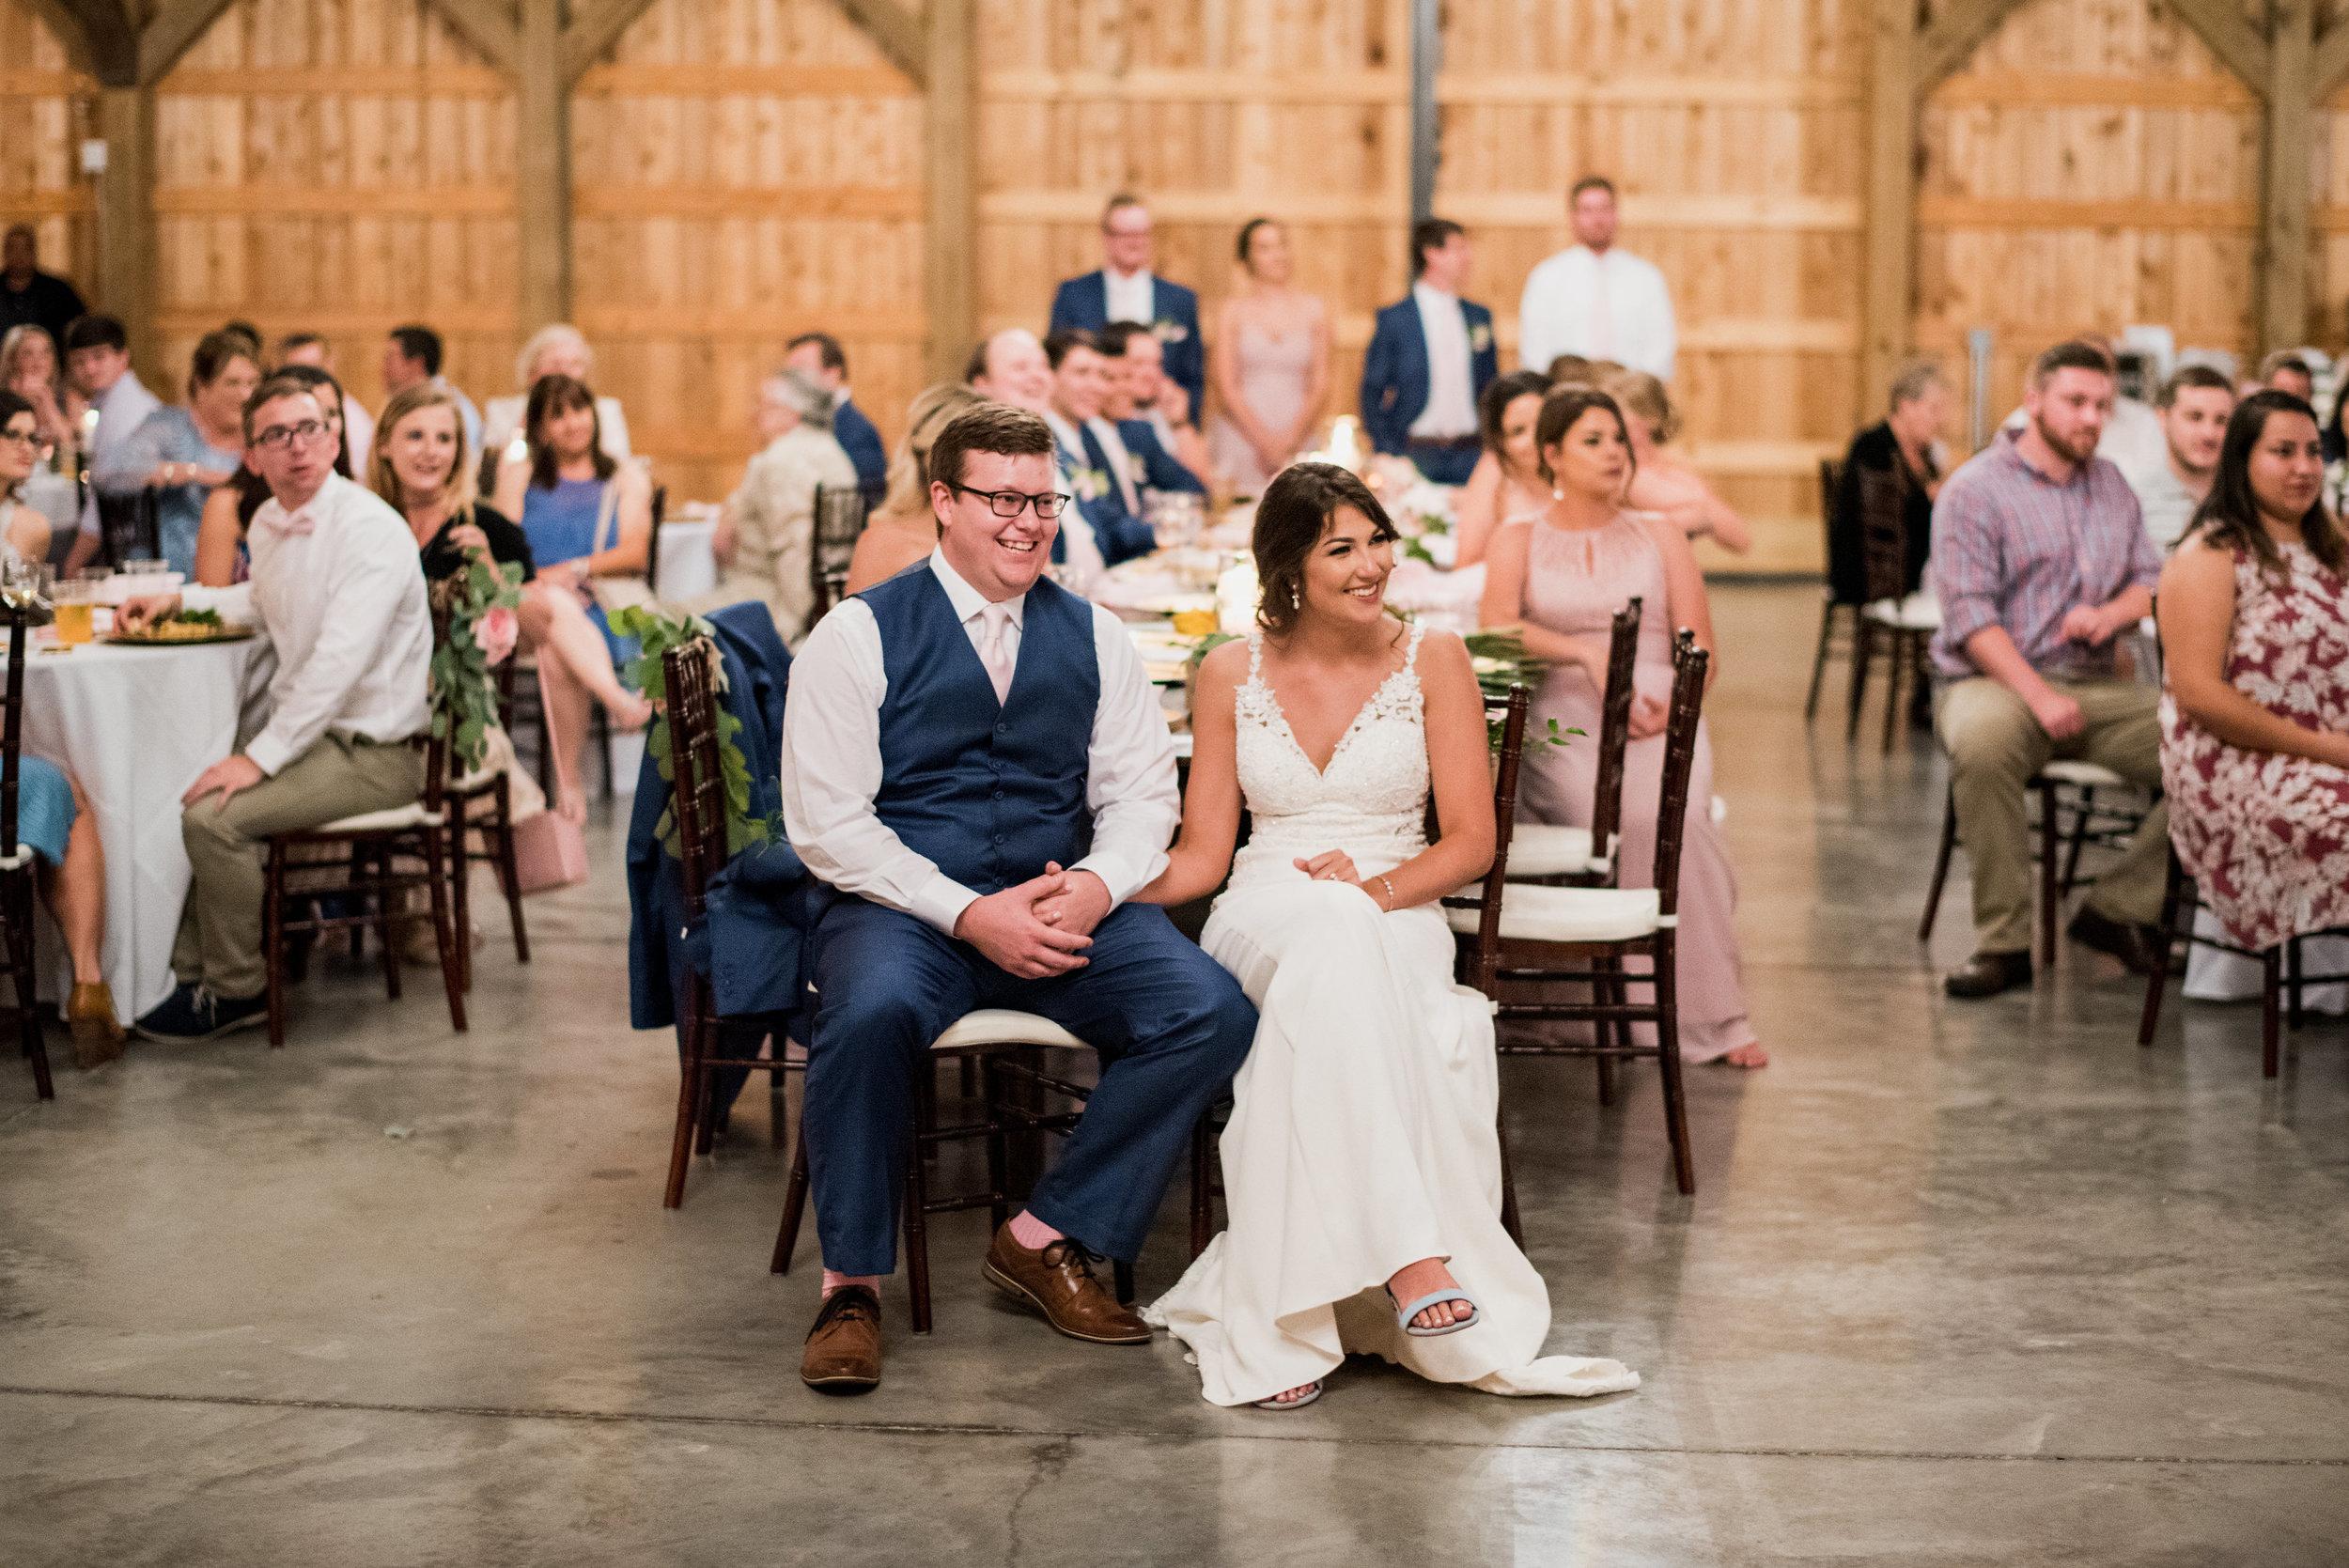 Saddlewood-Farms-Nashville-Wedding-Photographers-639.jpg